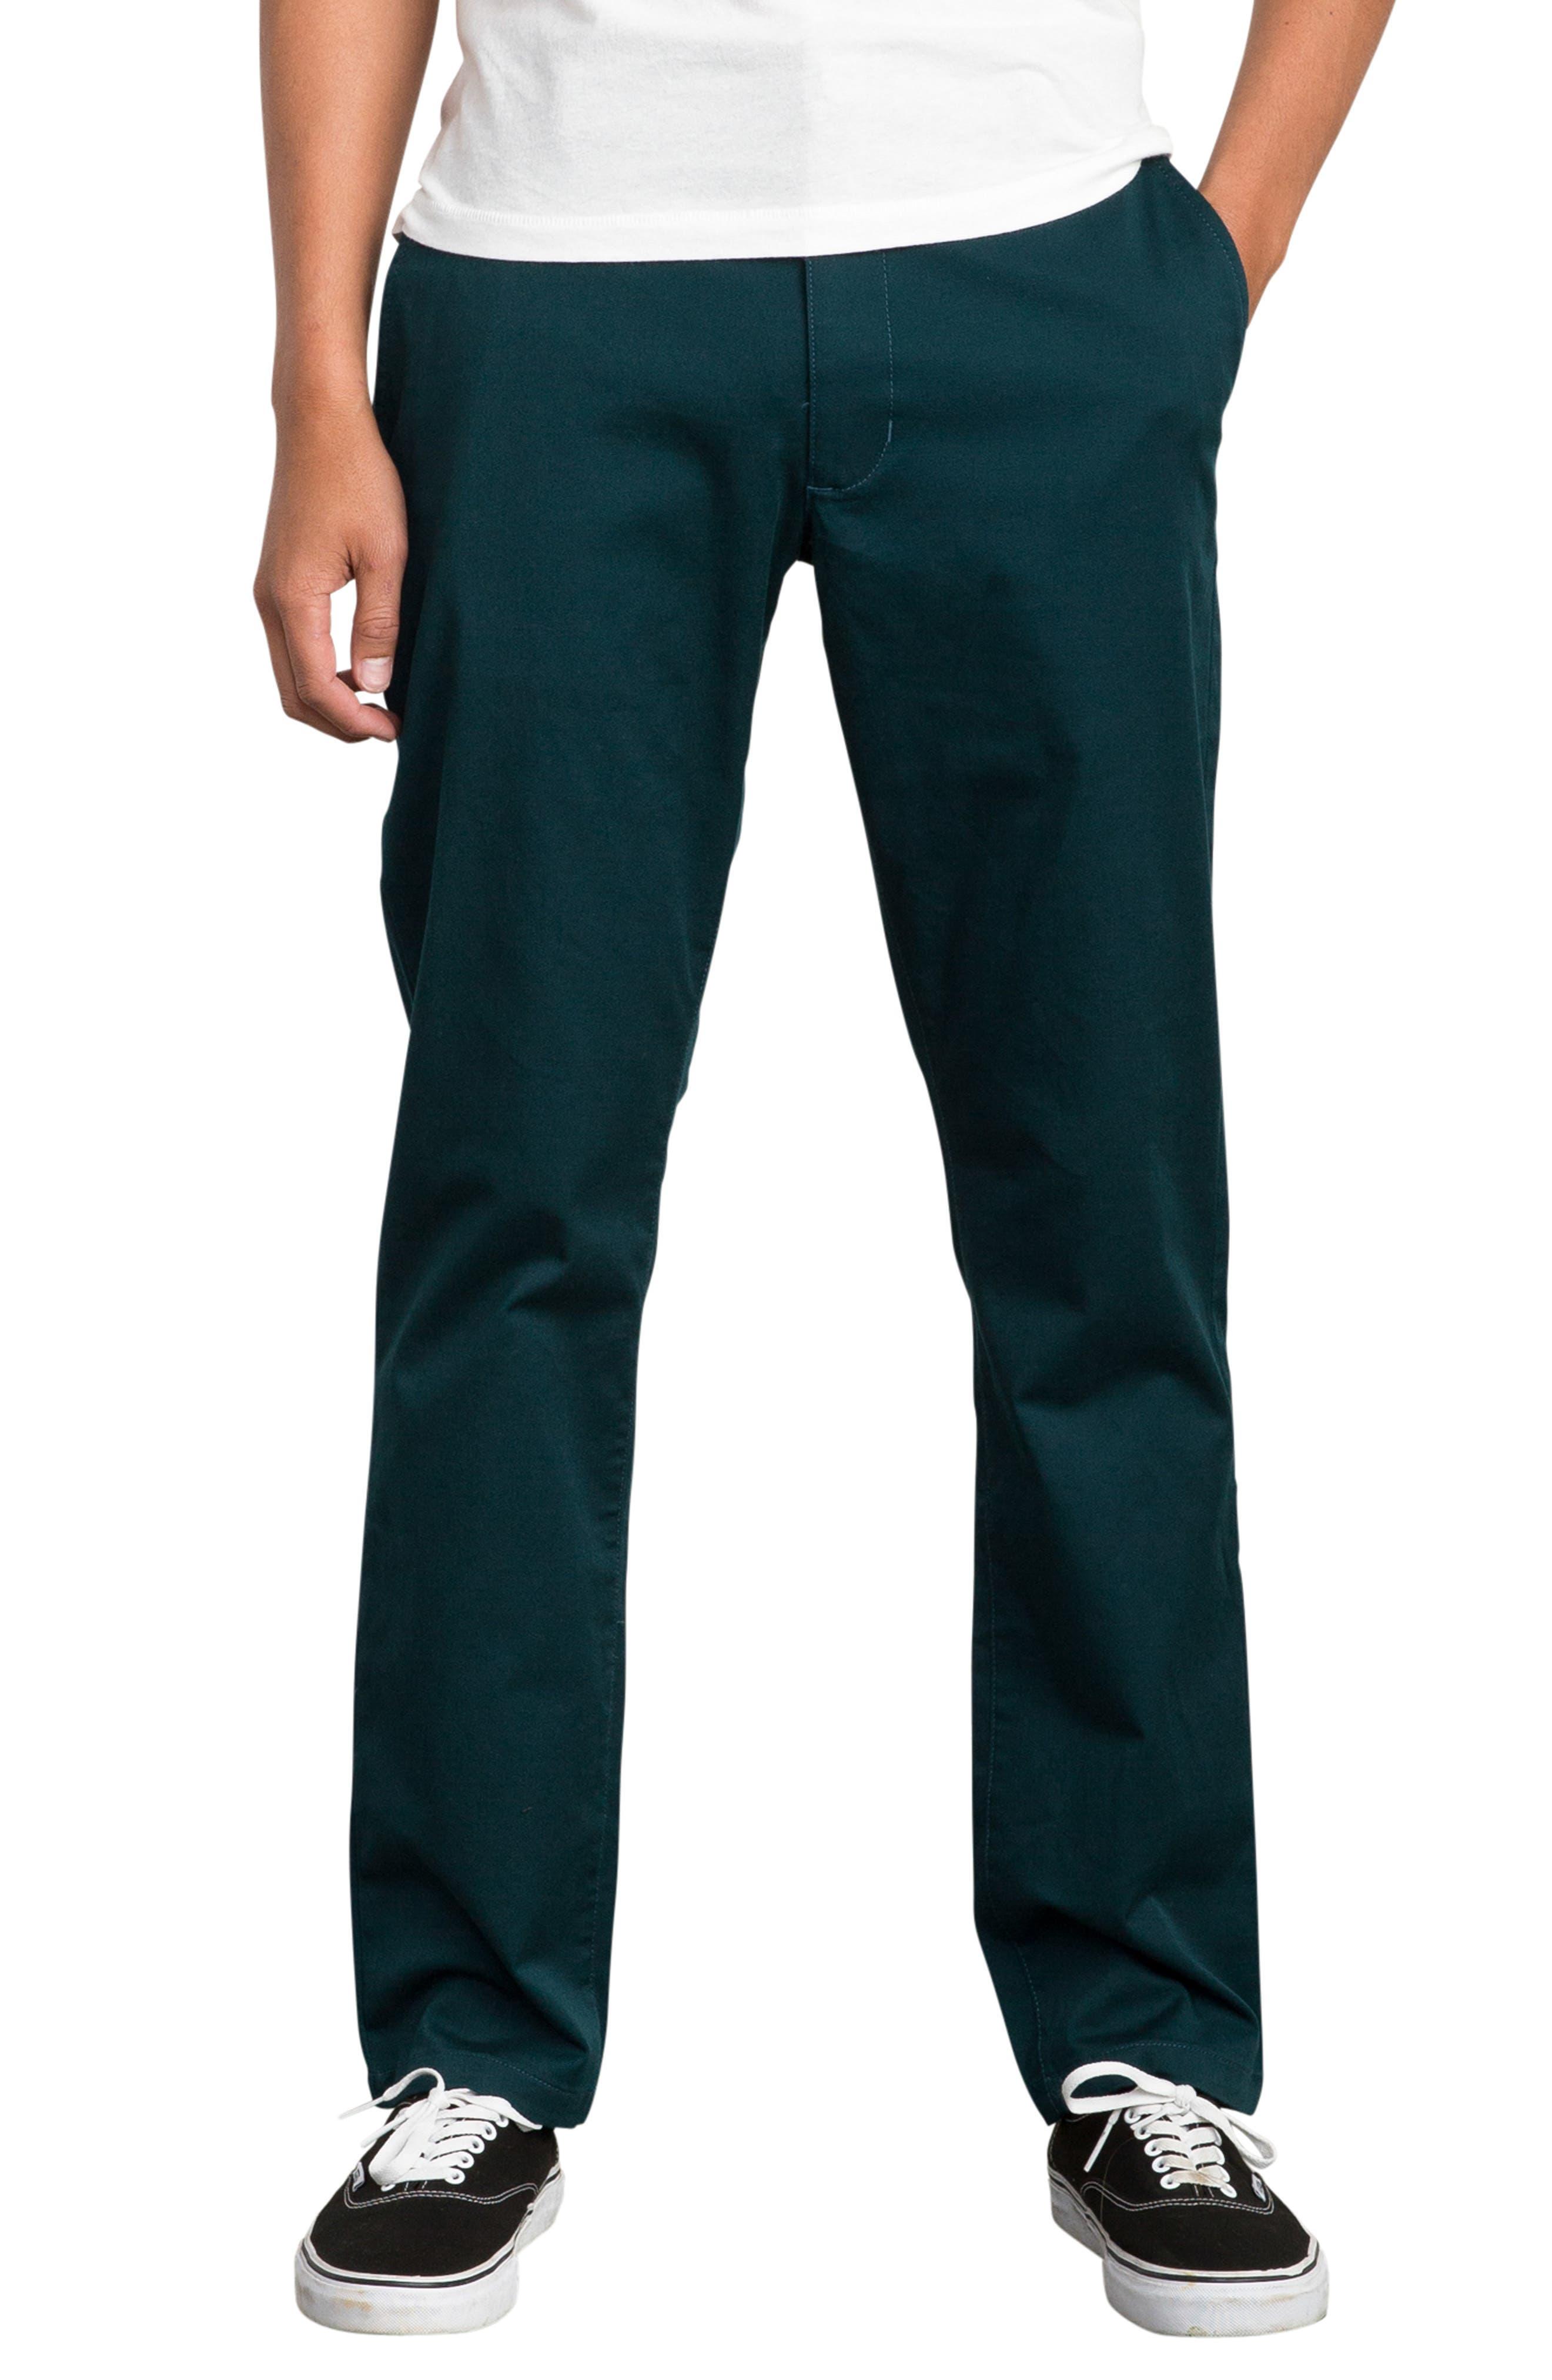 RVCA \u0027The Week-End\u0027 Slim Straight Leg Stretch Twill Chinos (Online Only)